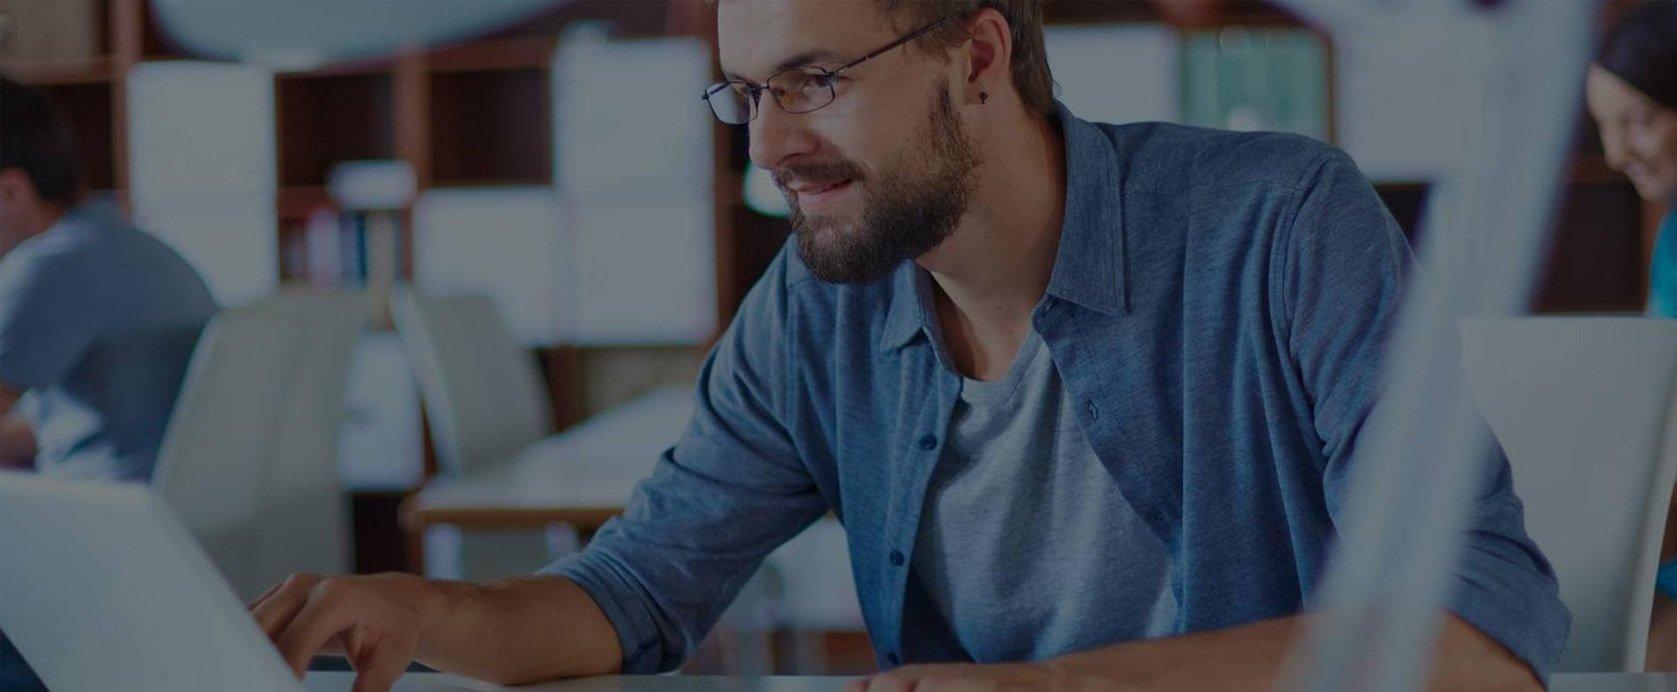 Web Tasarım, Web Tasarım Firması, Web Tasarım Ajansı, Sentez Bilişim, www.sentezbilisim.com